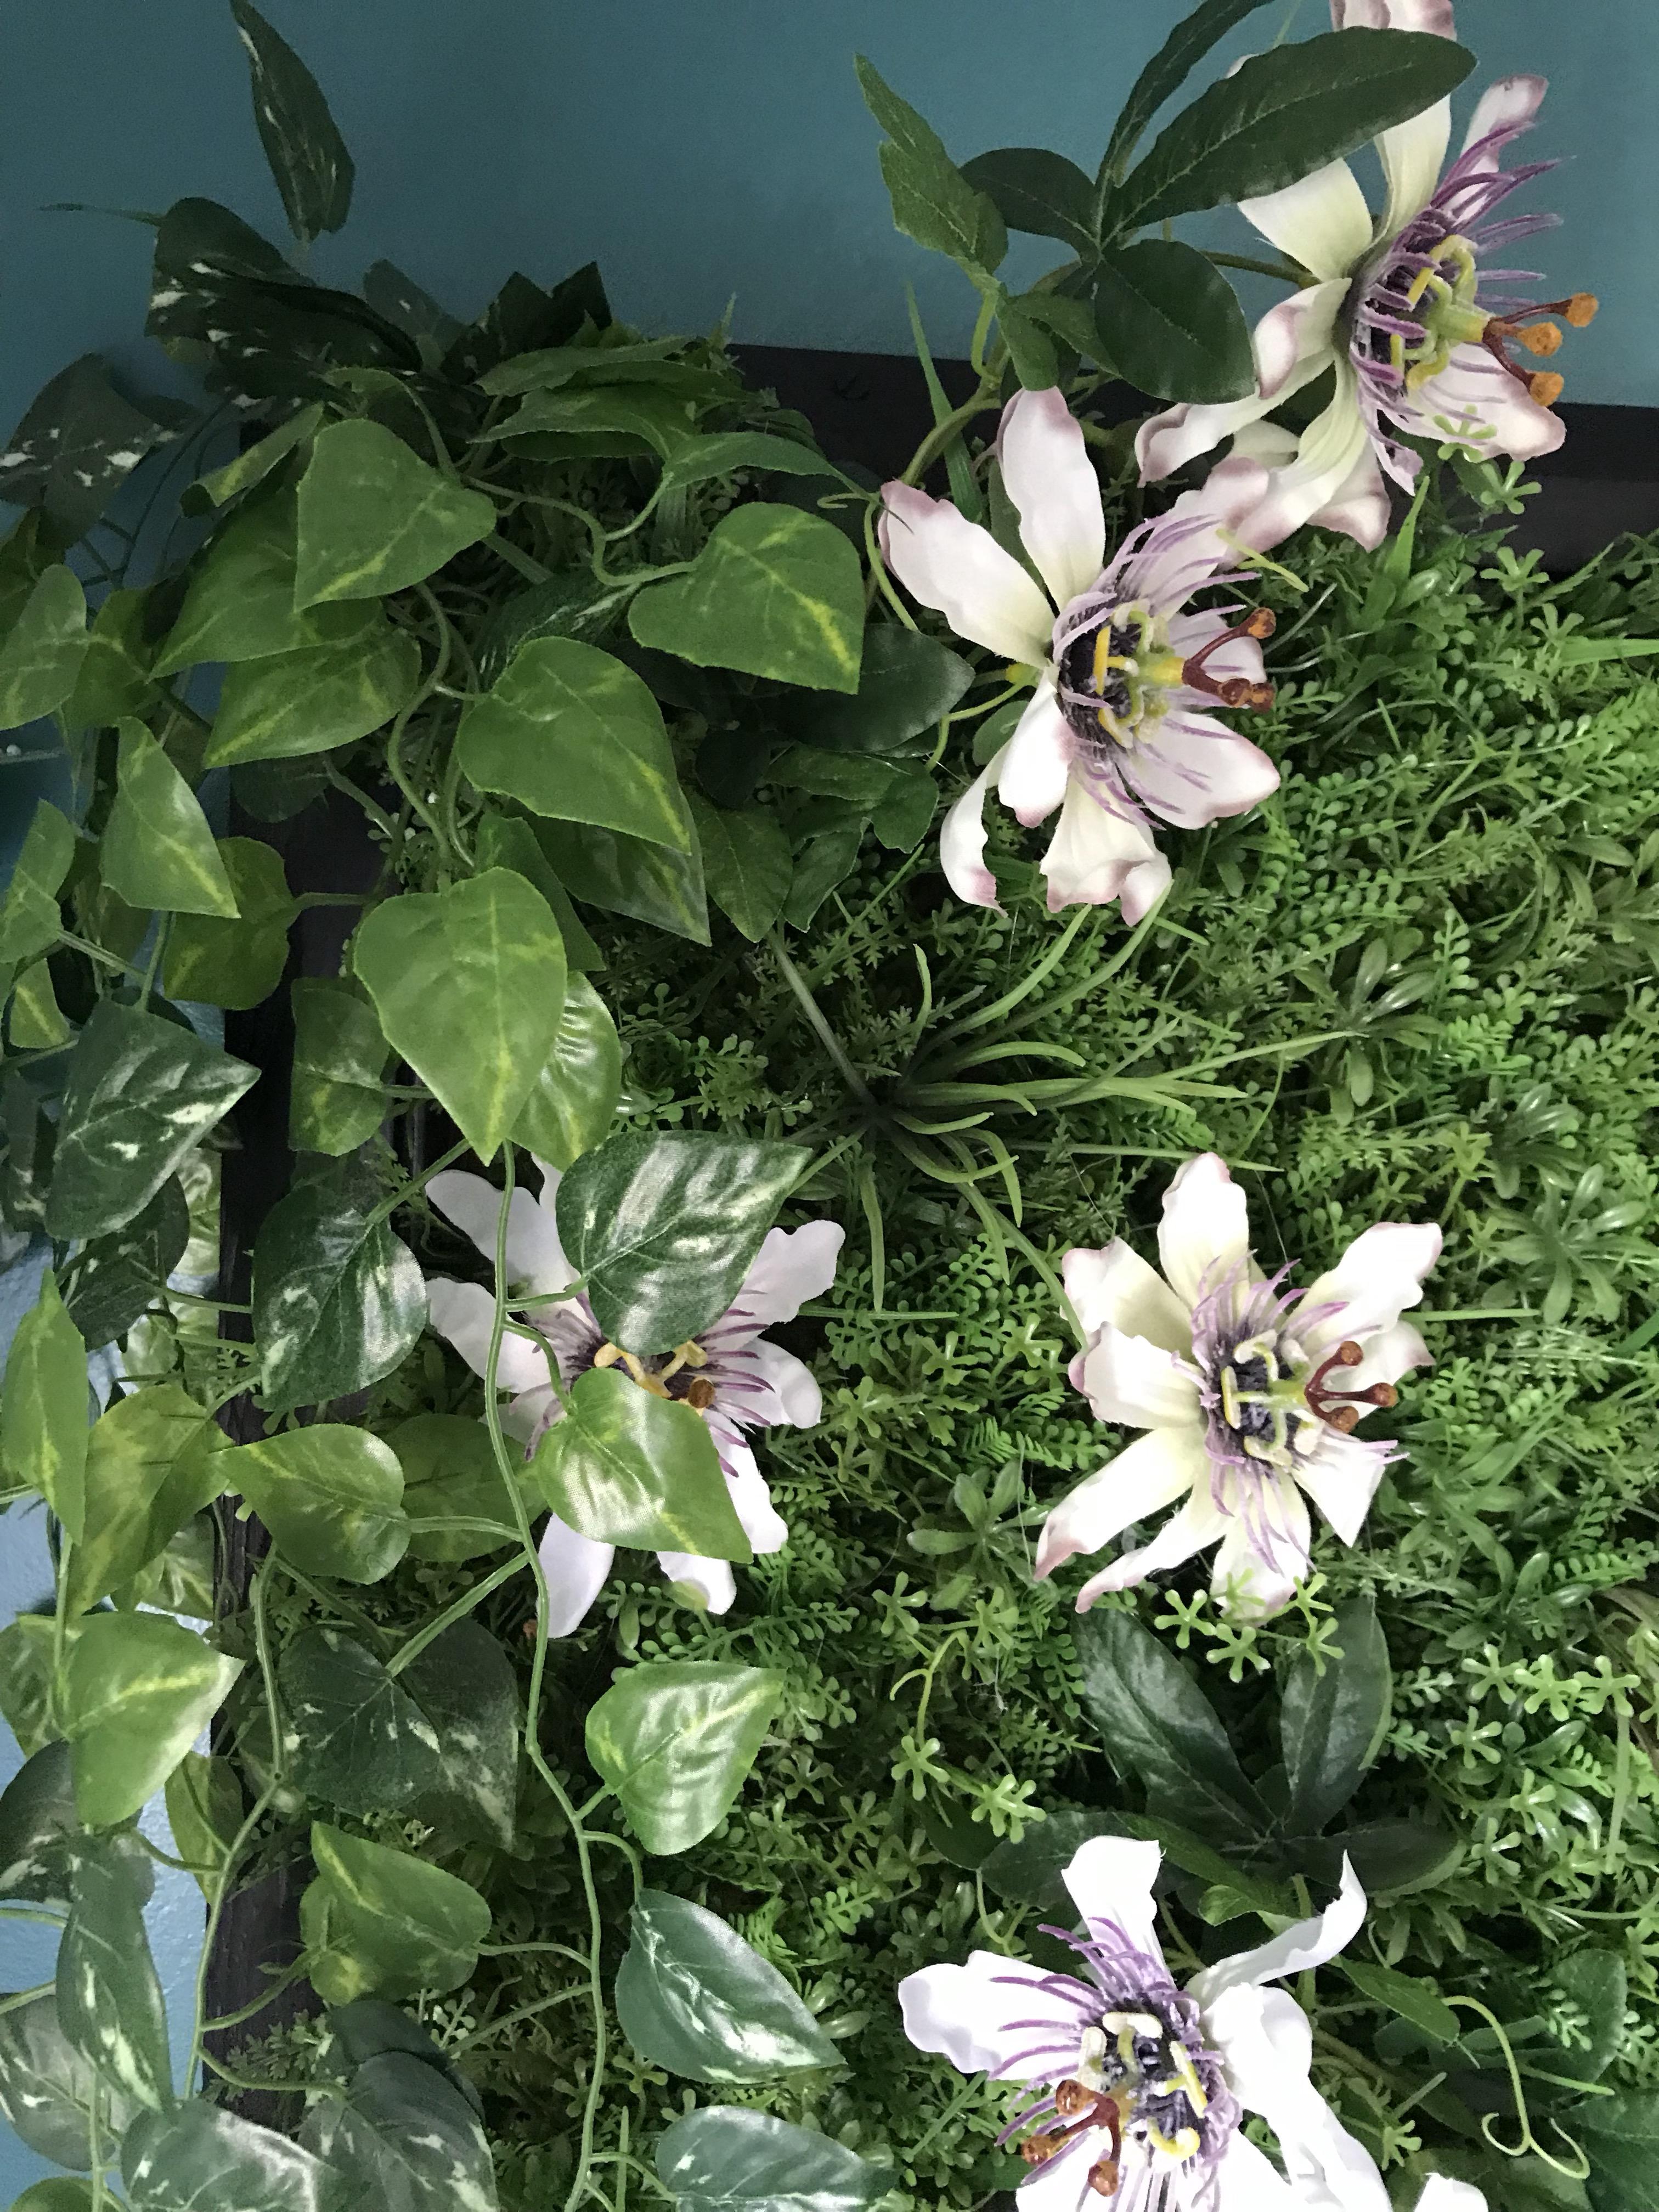 tableau végétal - fleurs artificielles